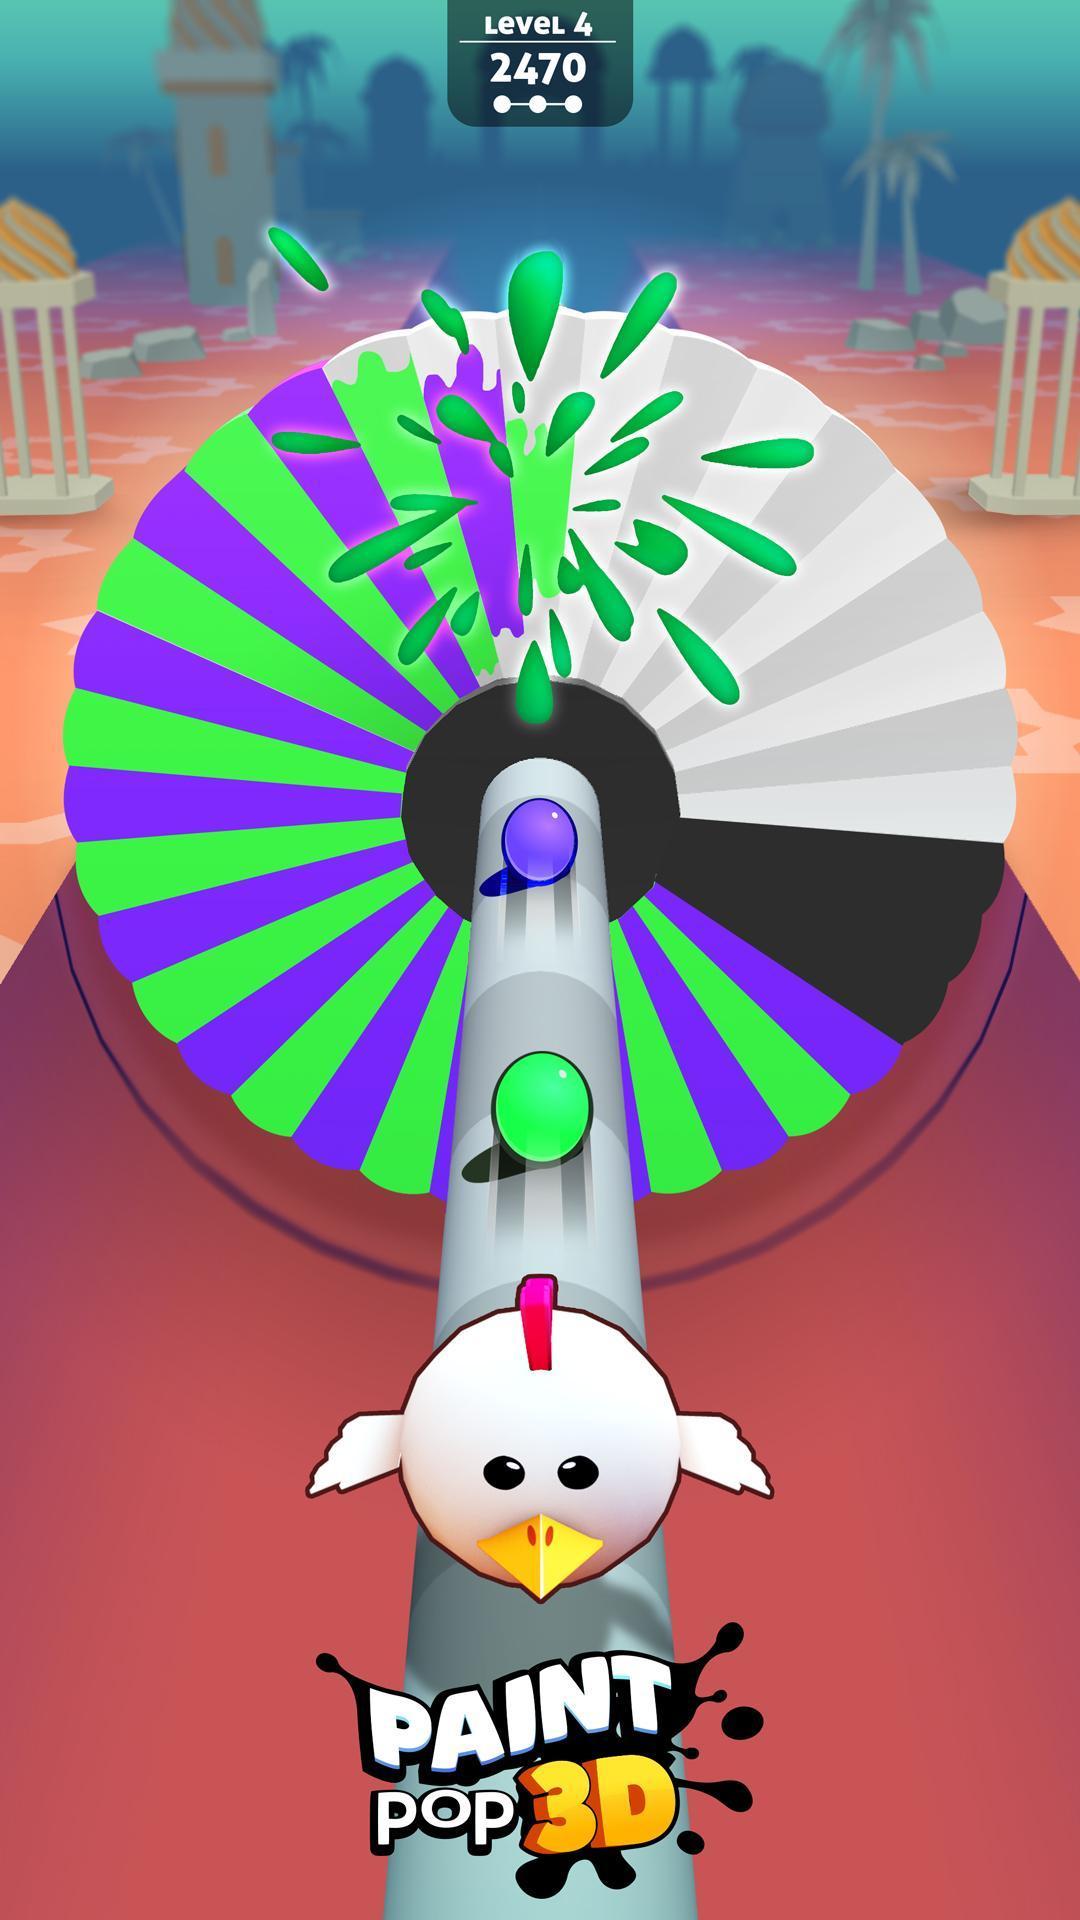 Paint Pop 3D 3.02 Screenshot 2